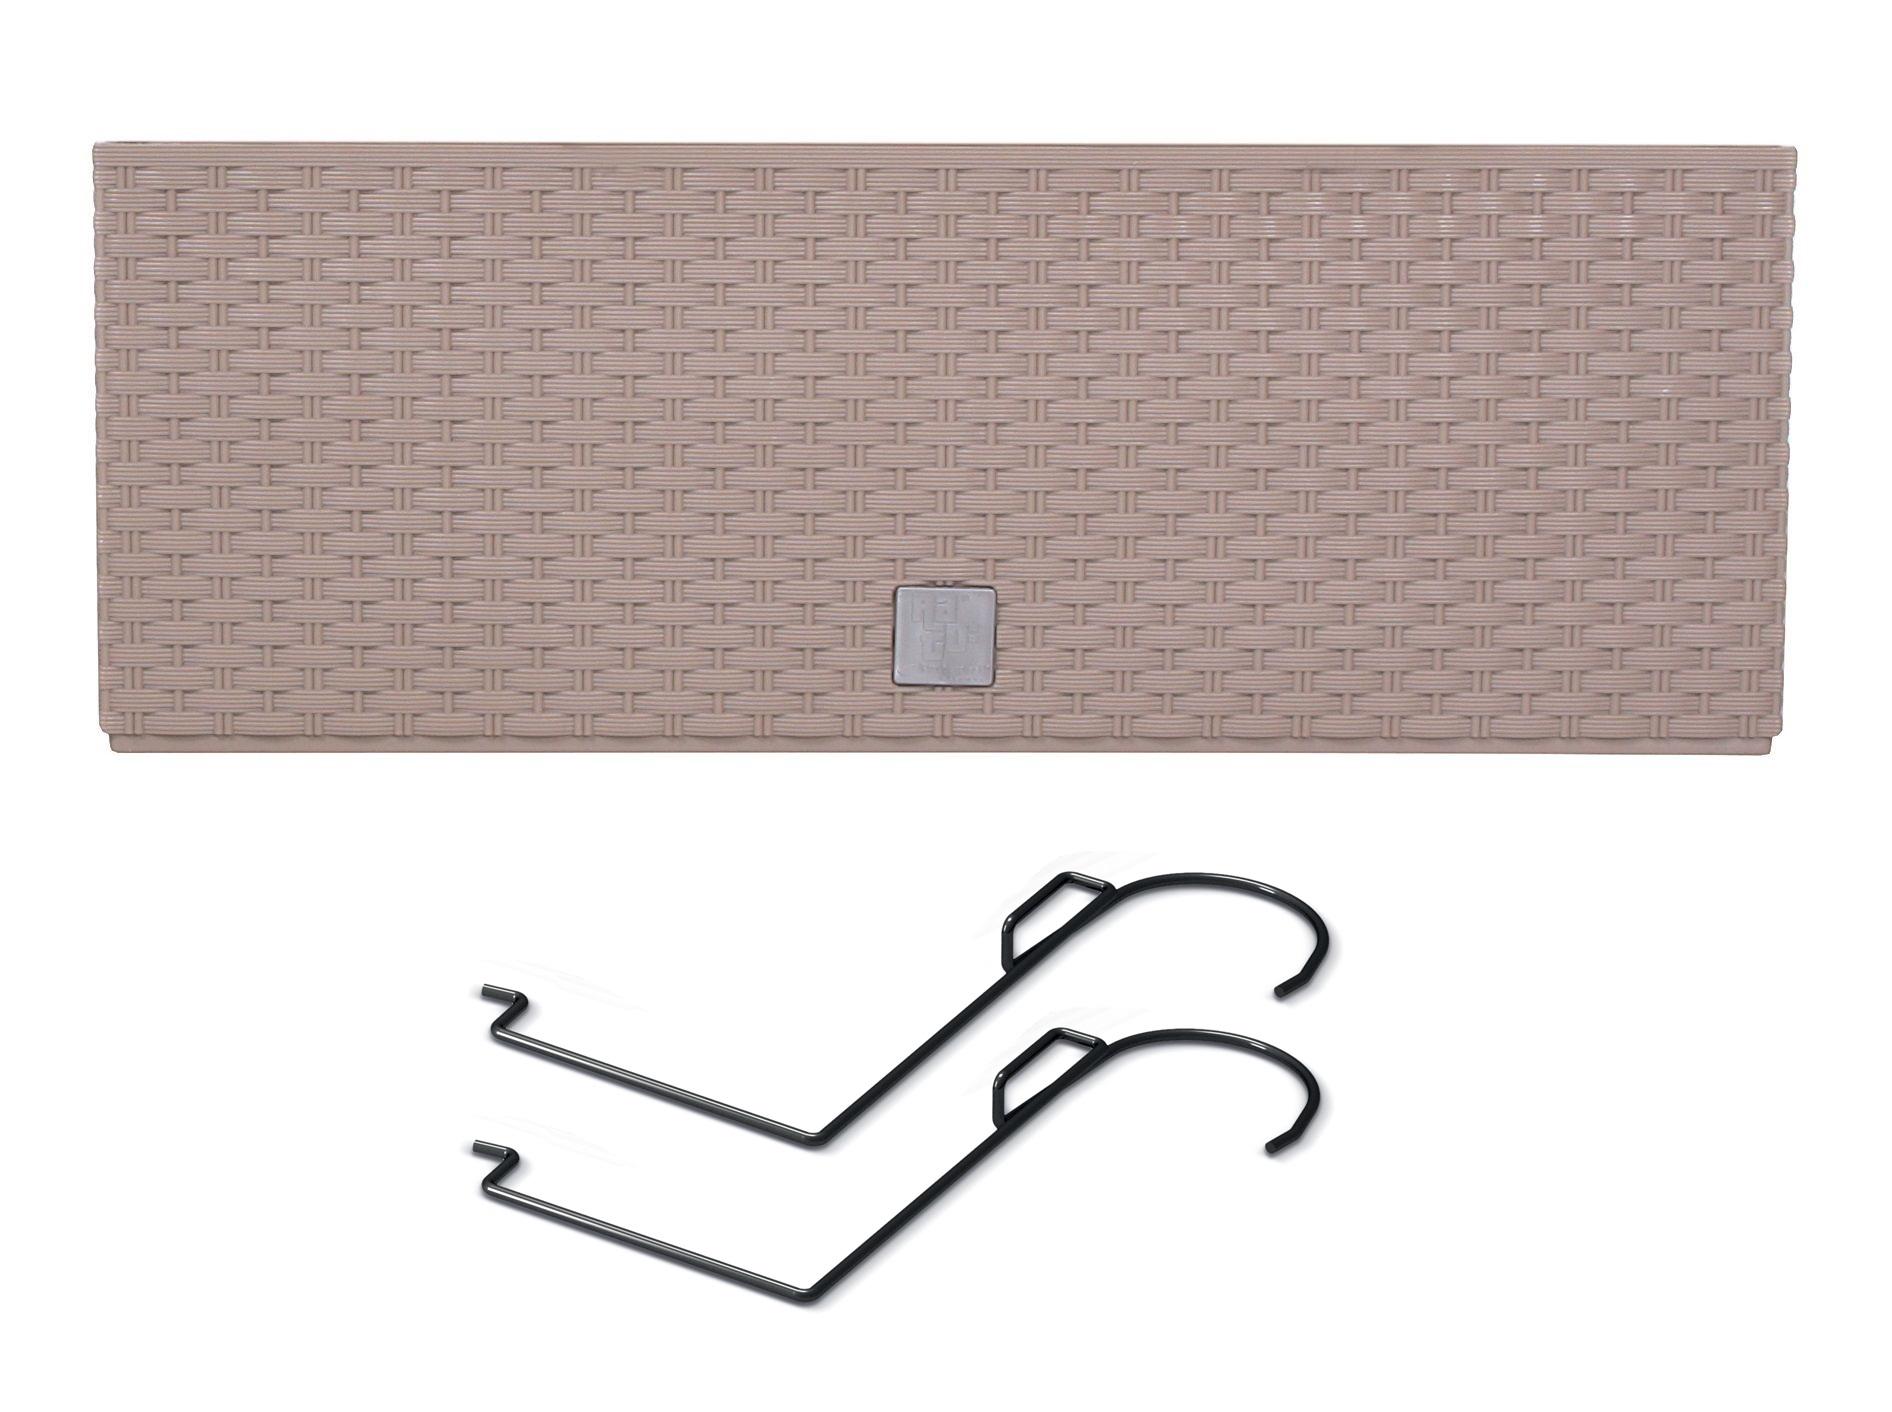 PROSPERPLAST Truhlík RATO CASE W s háky a vkladem mocca 39,5cm